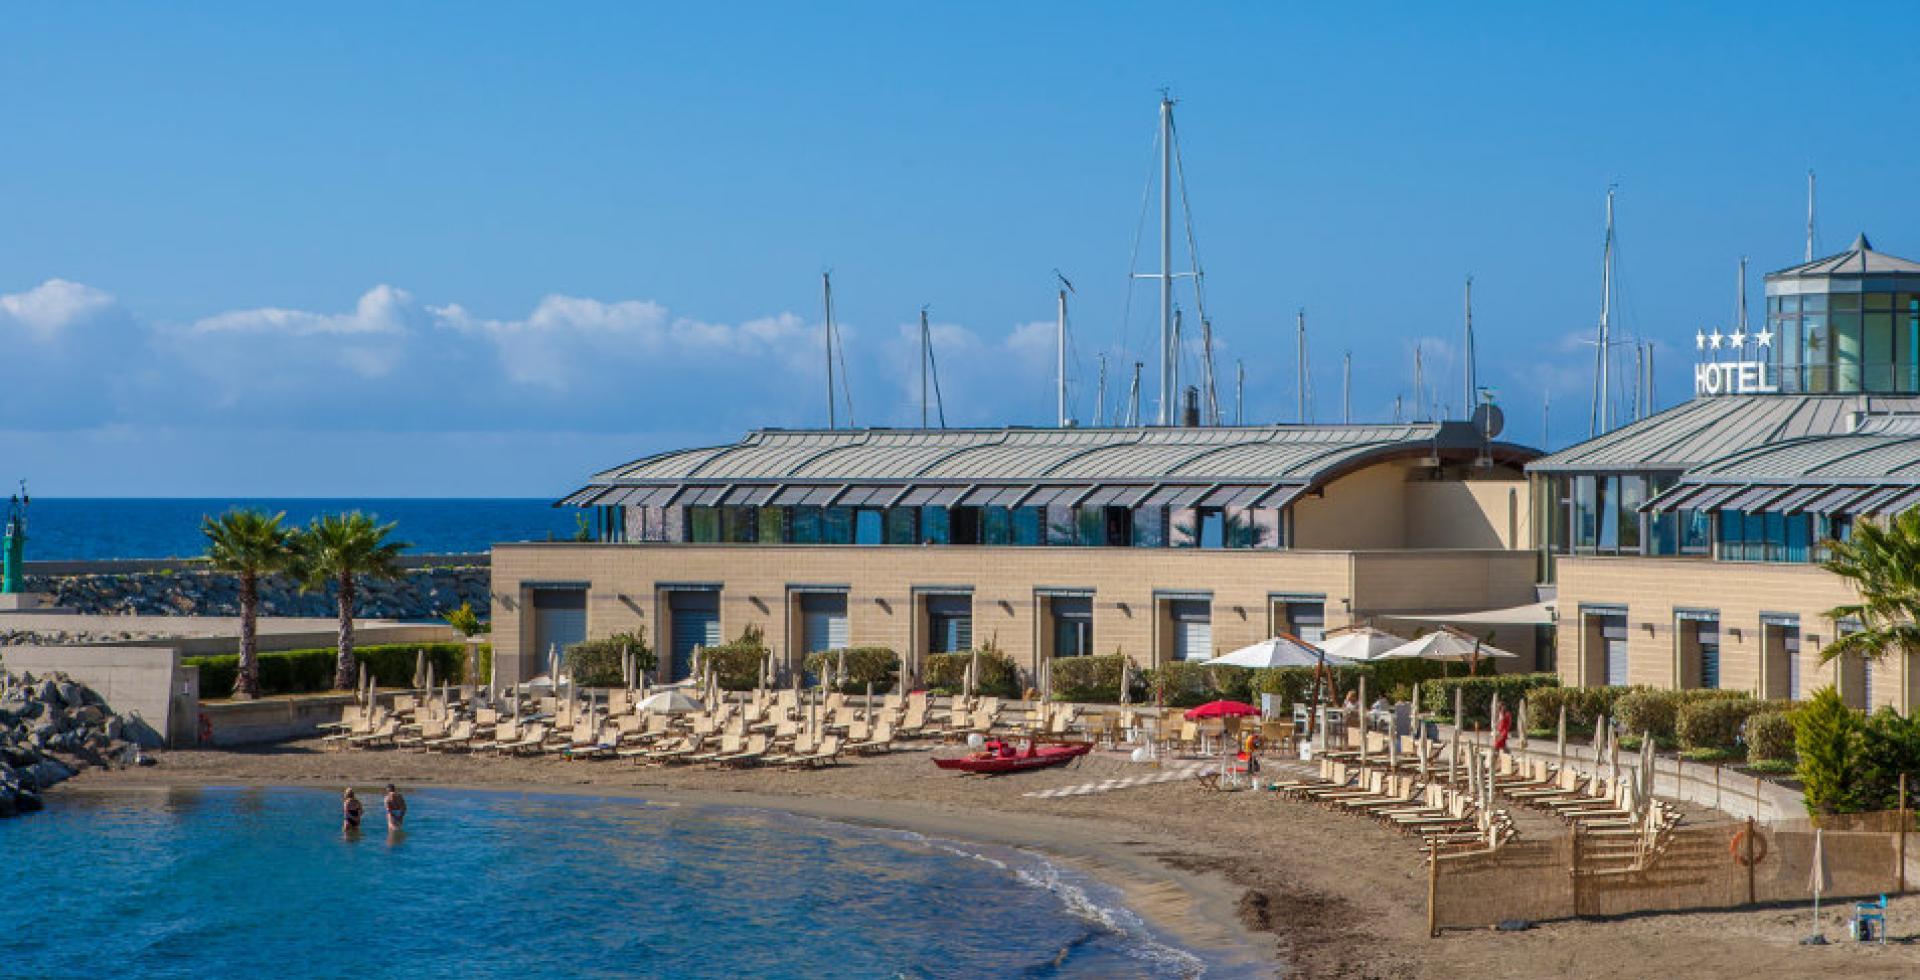 Spiaggia Baia delle Vele - San Lorenzo a Mare